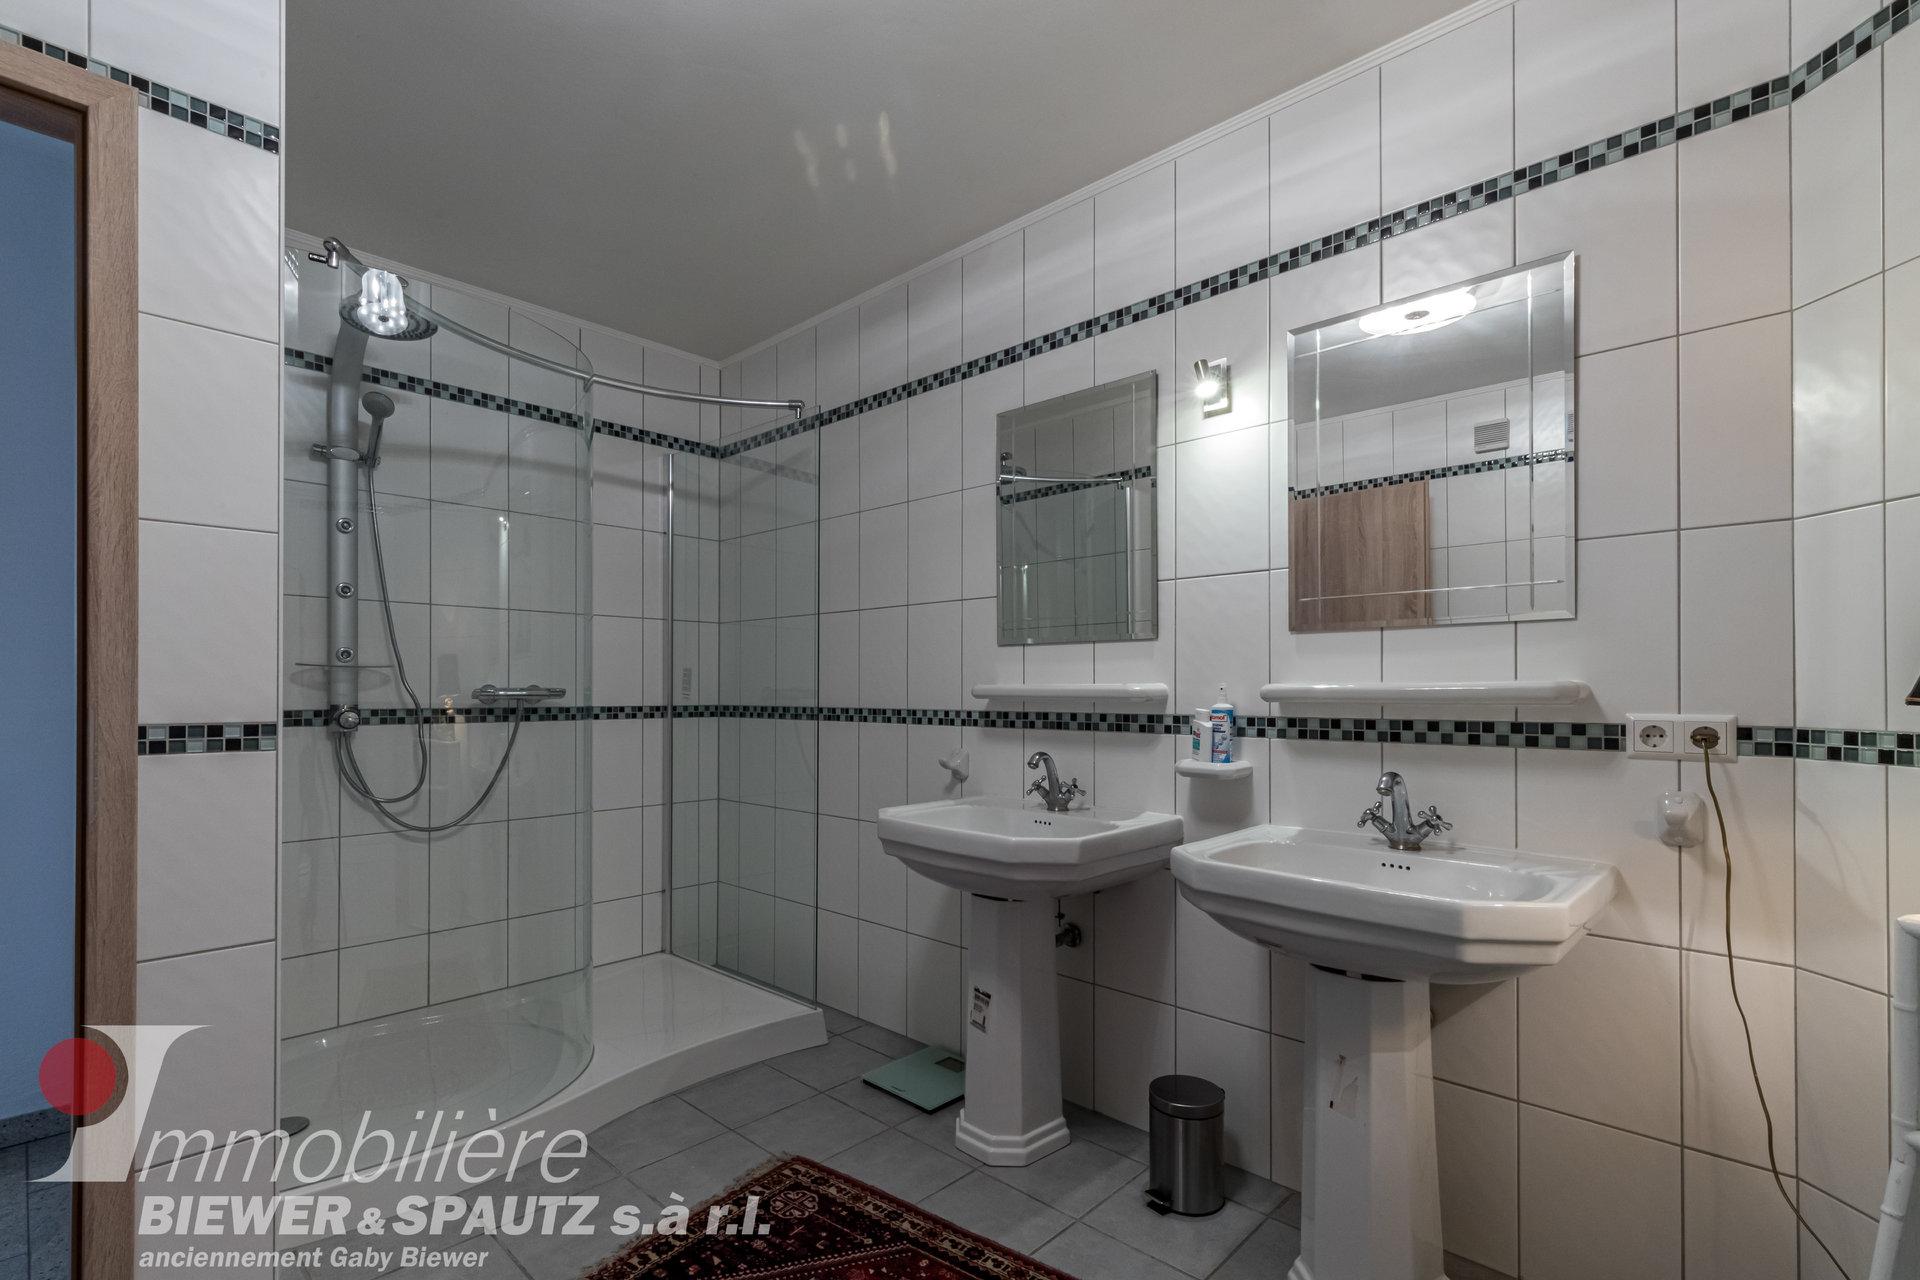 SOUS COMPROMIS - appartement-triplex avec 4 chambres à coucher à Berbourg